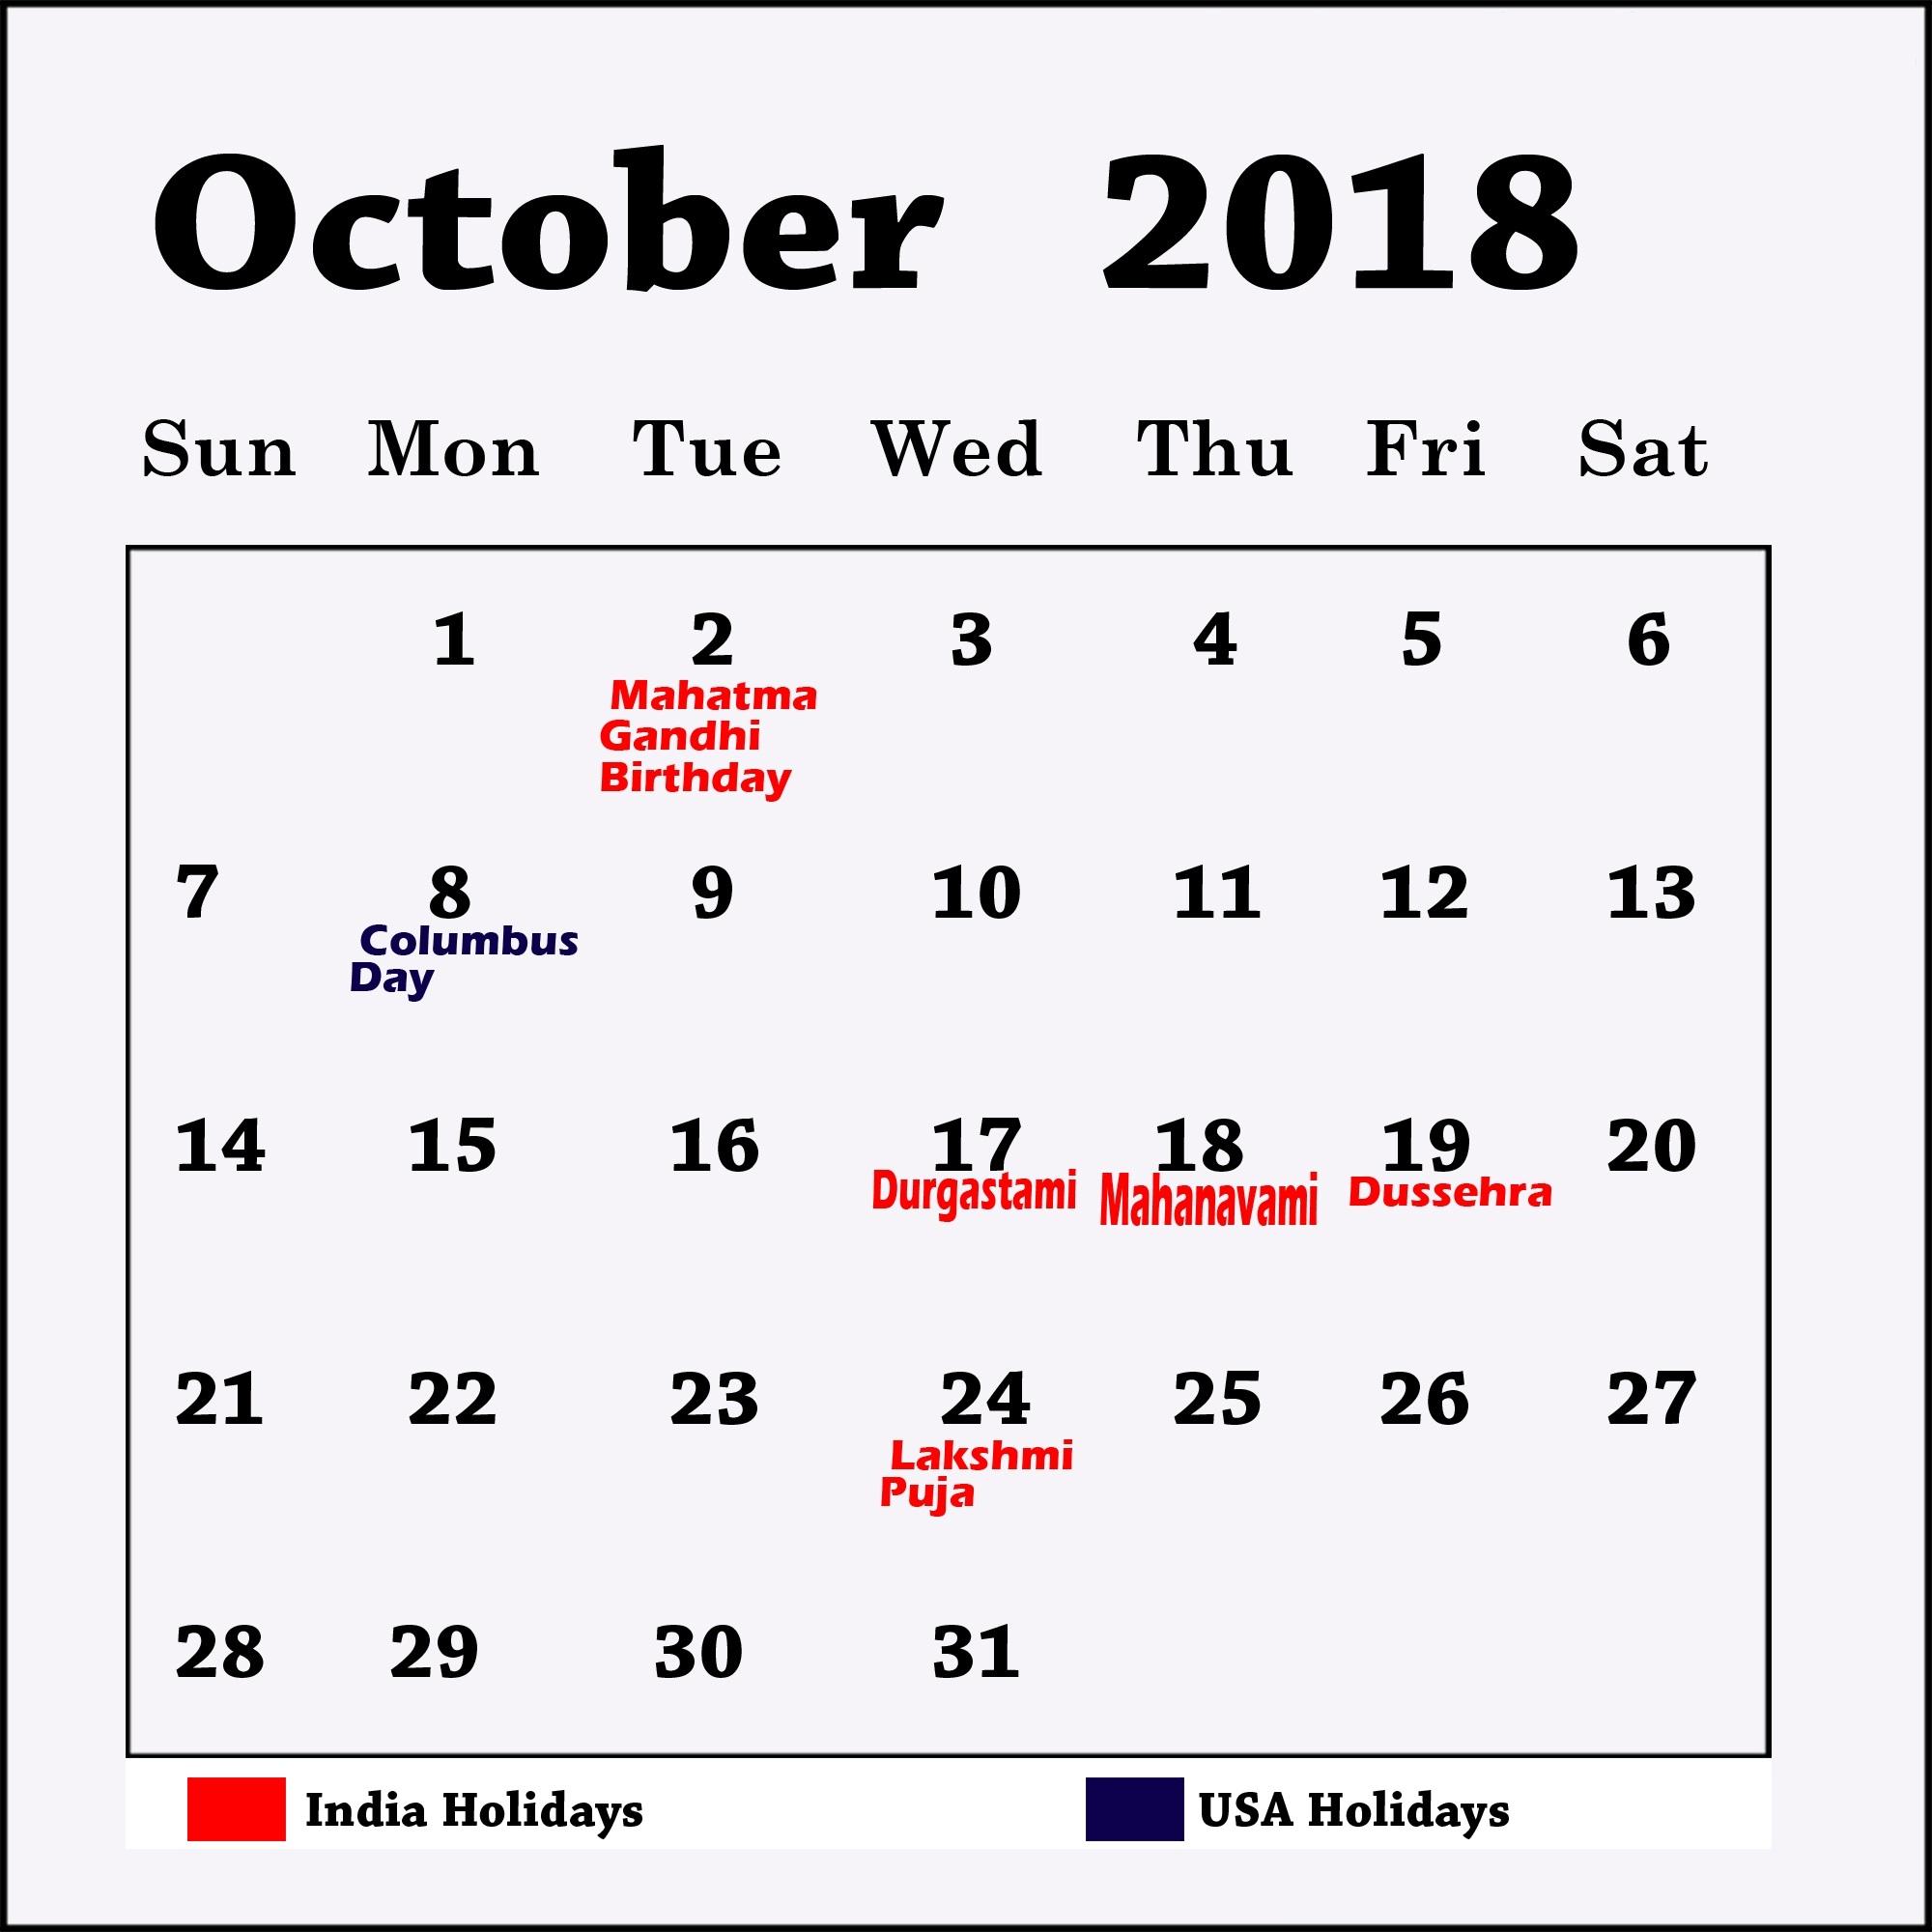 October Holiday Calendar